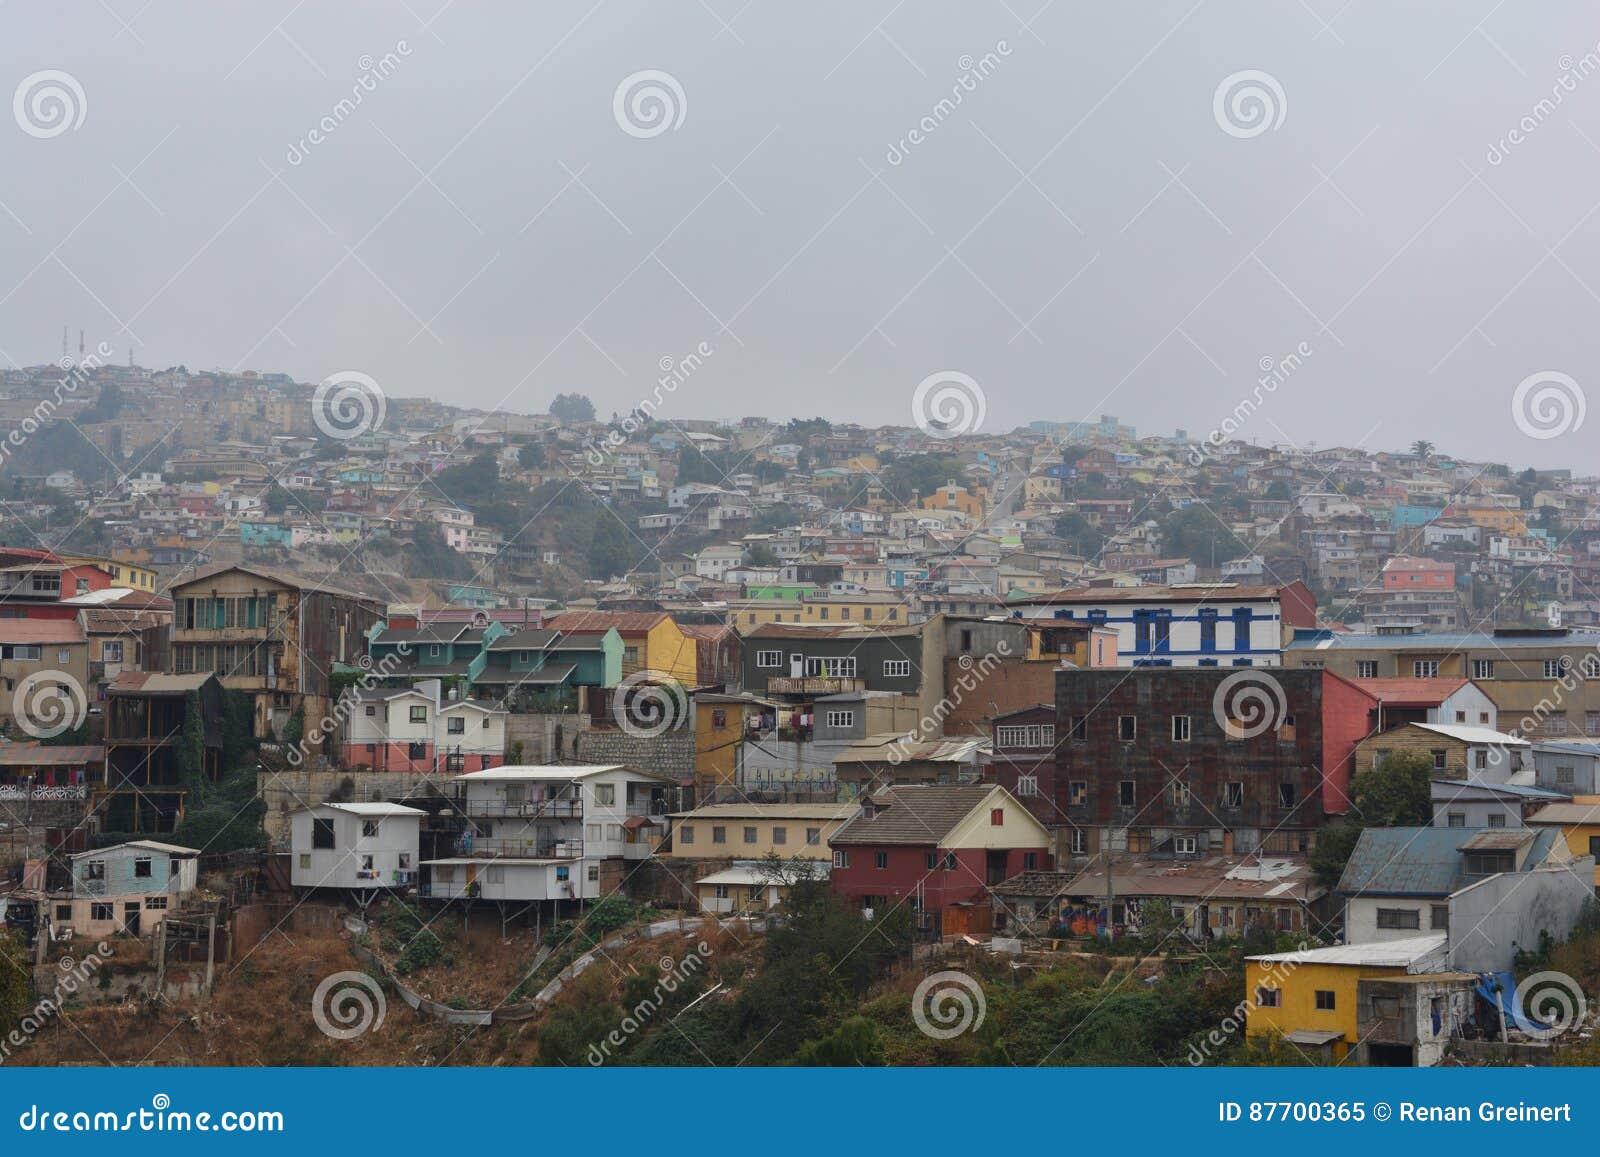 Maisons colorées à Valparaiso, Chili